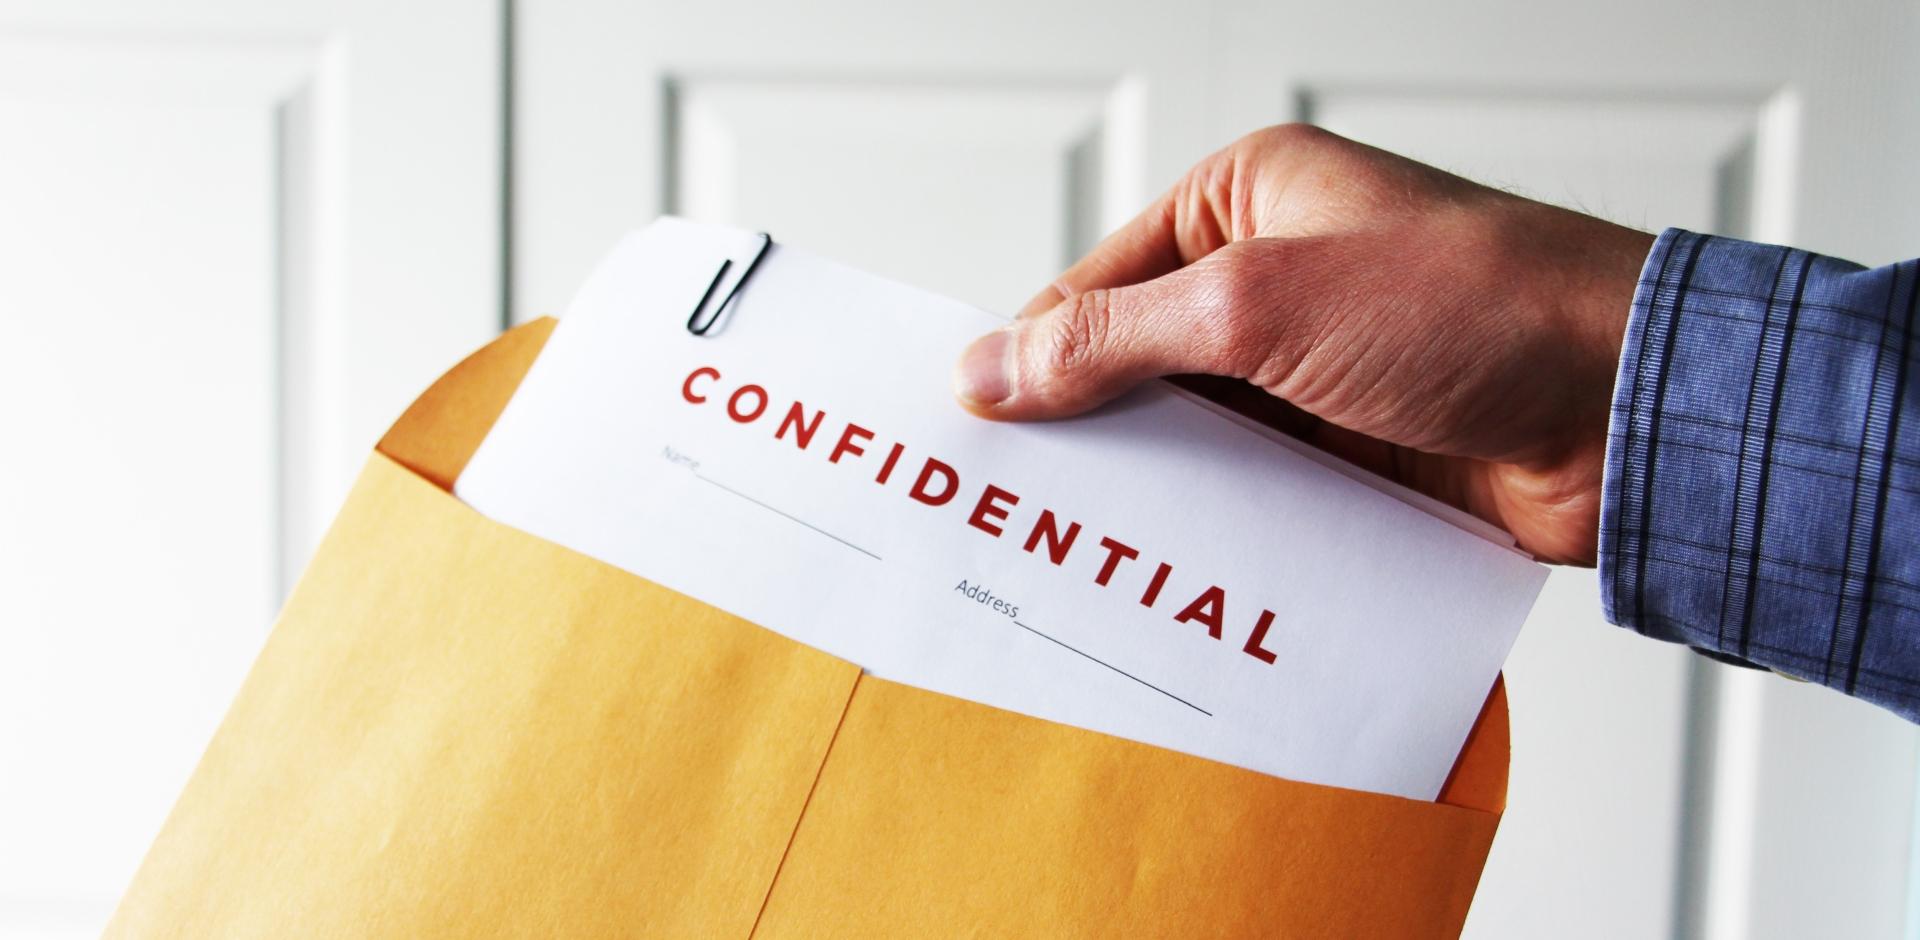 سند اطلاعاتی محرمانه(Confidential Information Memorandum) چیست؟